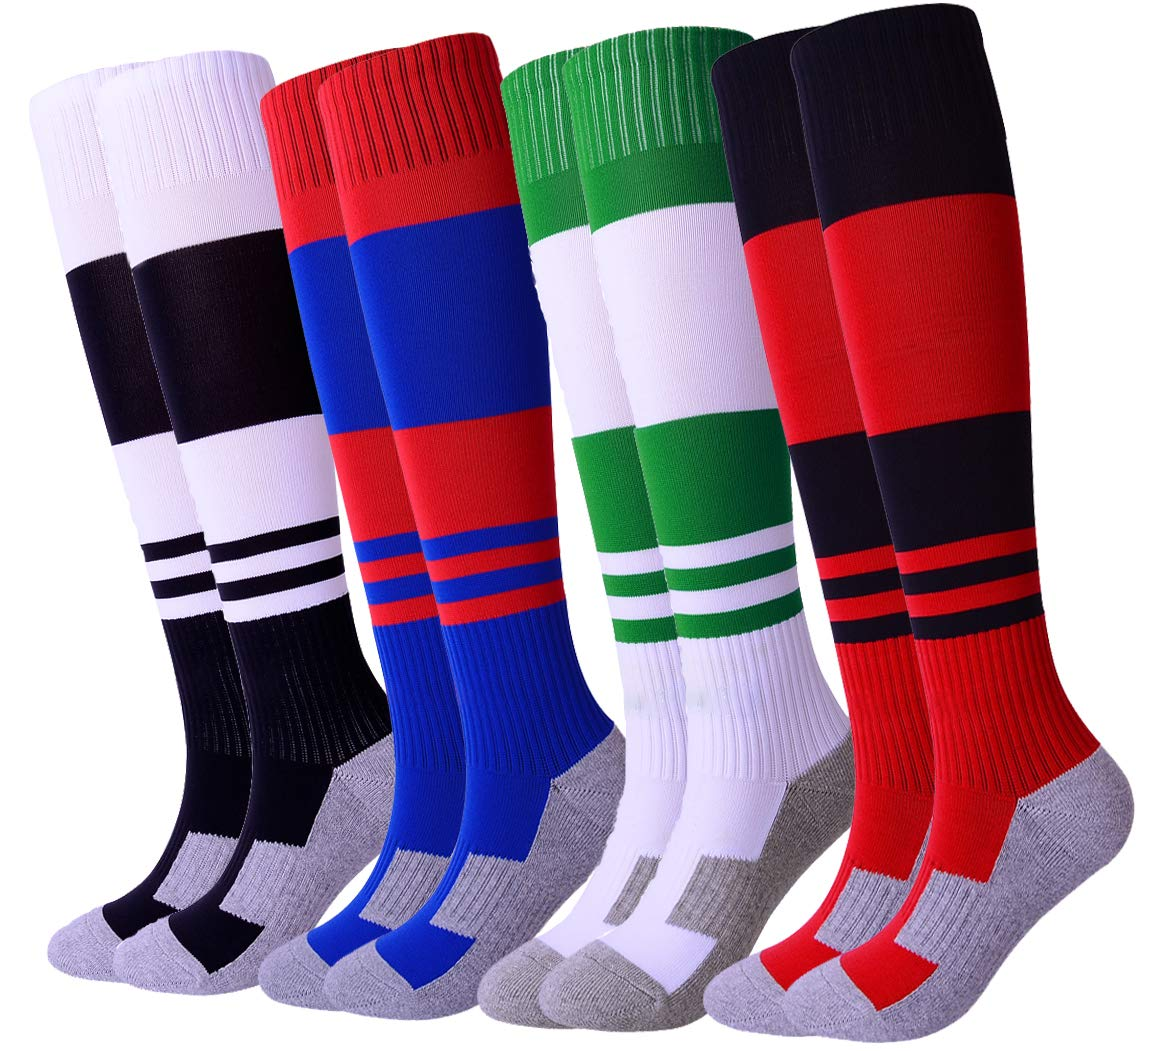 Kids Soccer Socks 4 Pack Knee High Cushioned Bottom Football Socks for Boys Girls (Black/White/Green/Navy) A by Gupying